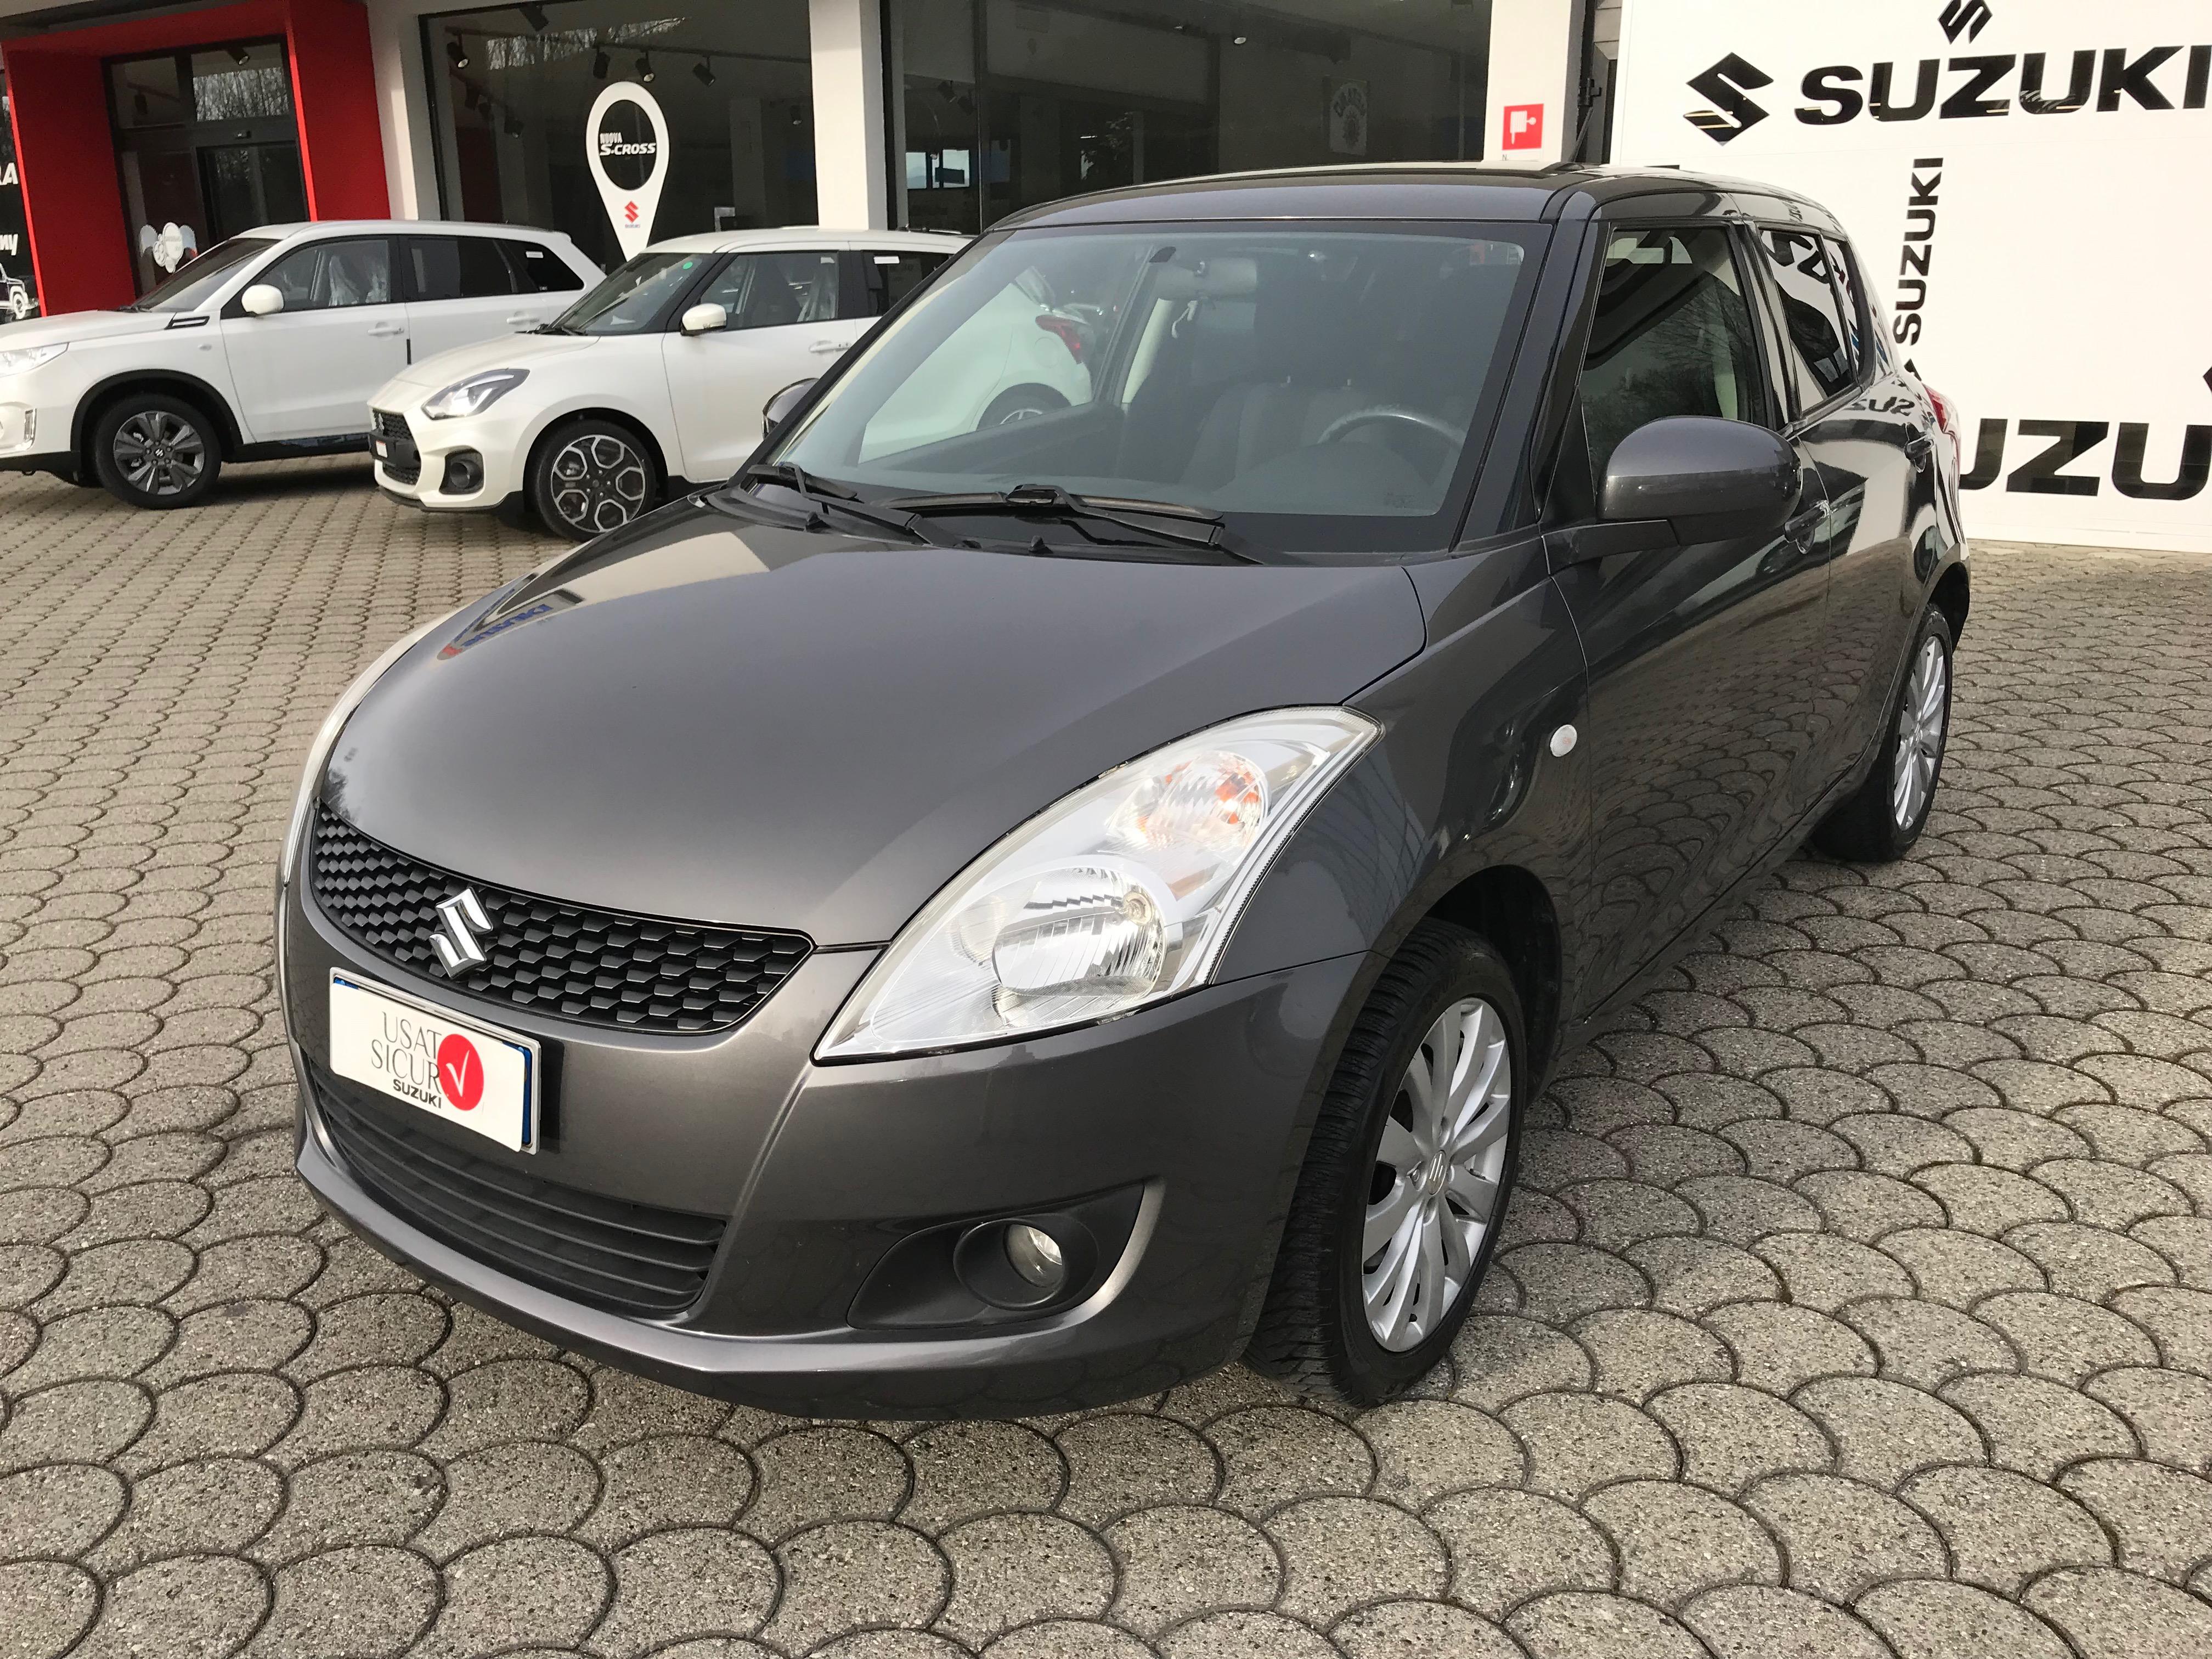 Suzuki Swift 1.2 benzina 4X4